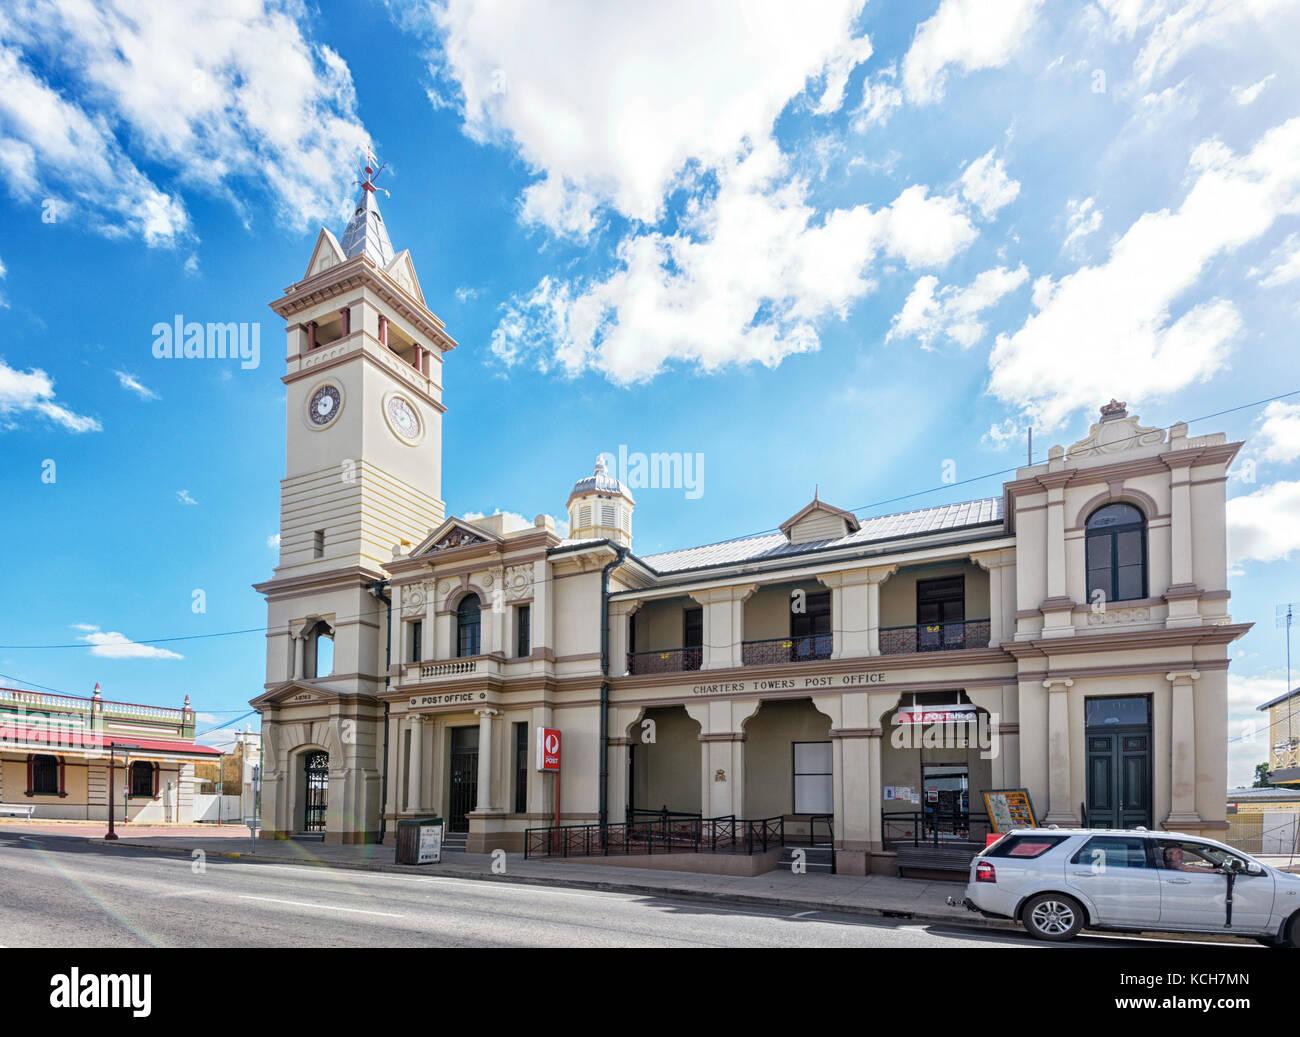 Postgebäude in Charters Towers in Queensland, Queensland, Australien Stockfoto